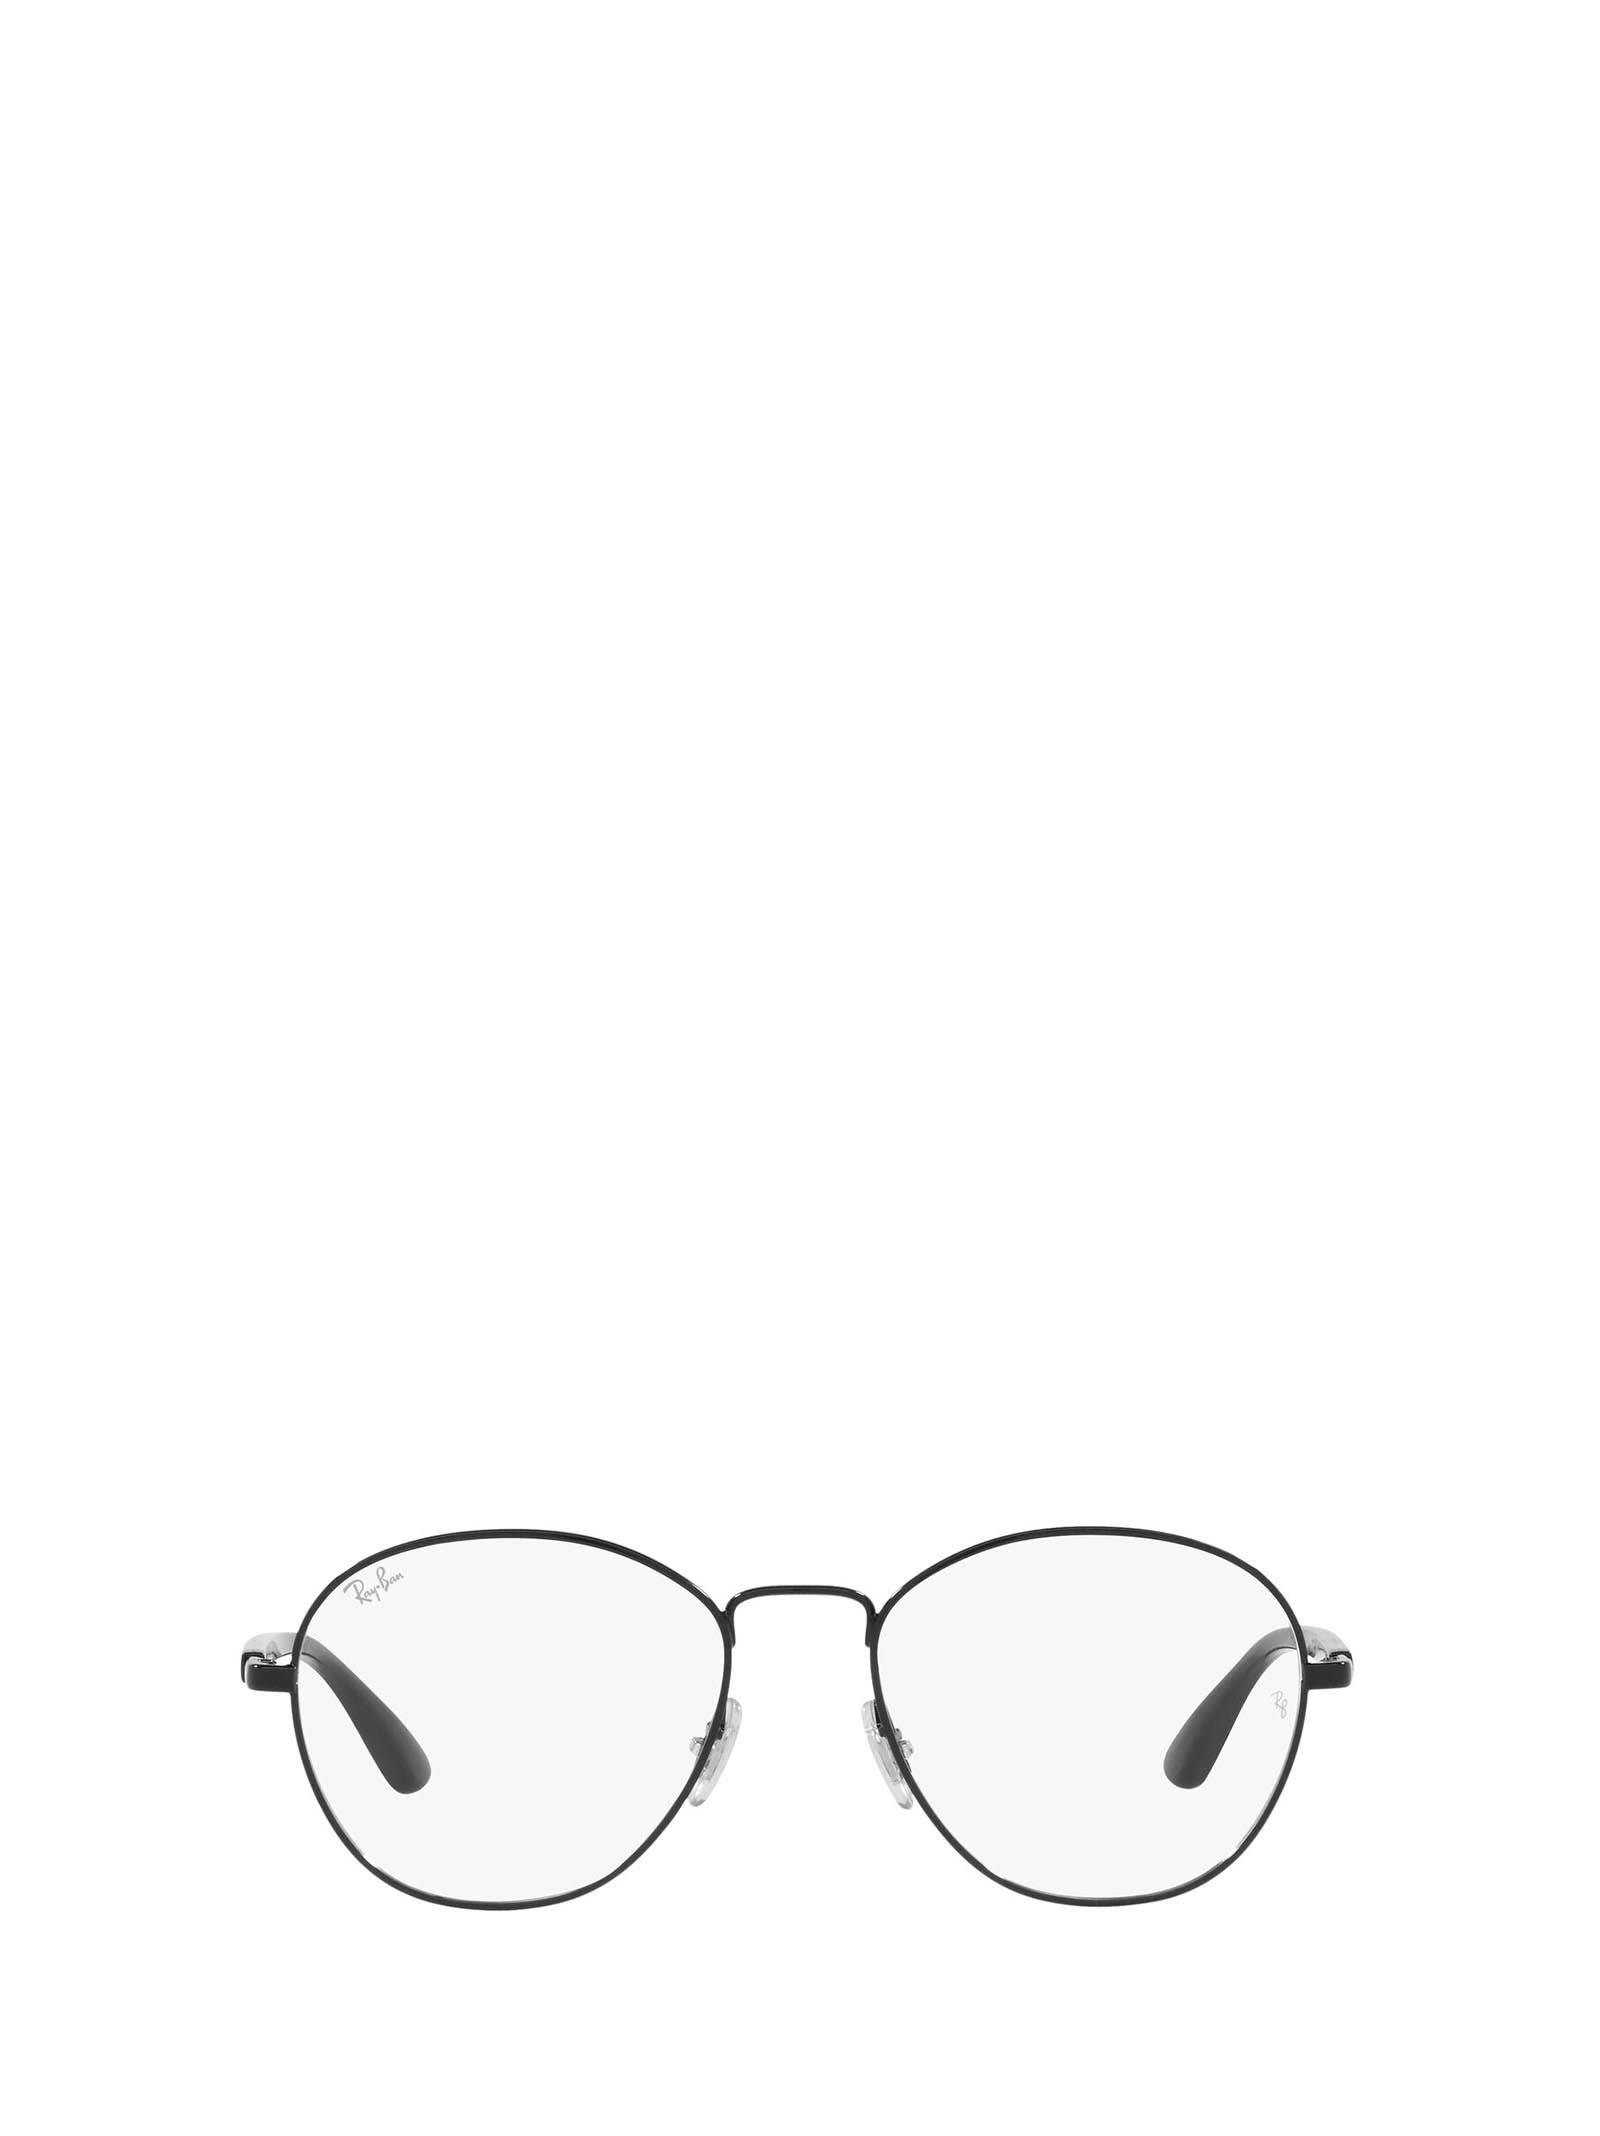 Ray-Ban Ray-ban Rx6470 Black Glasses